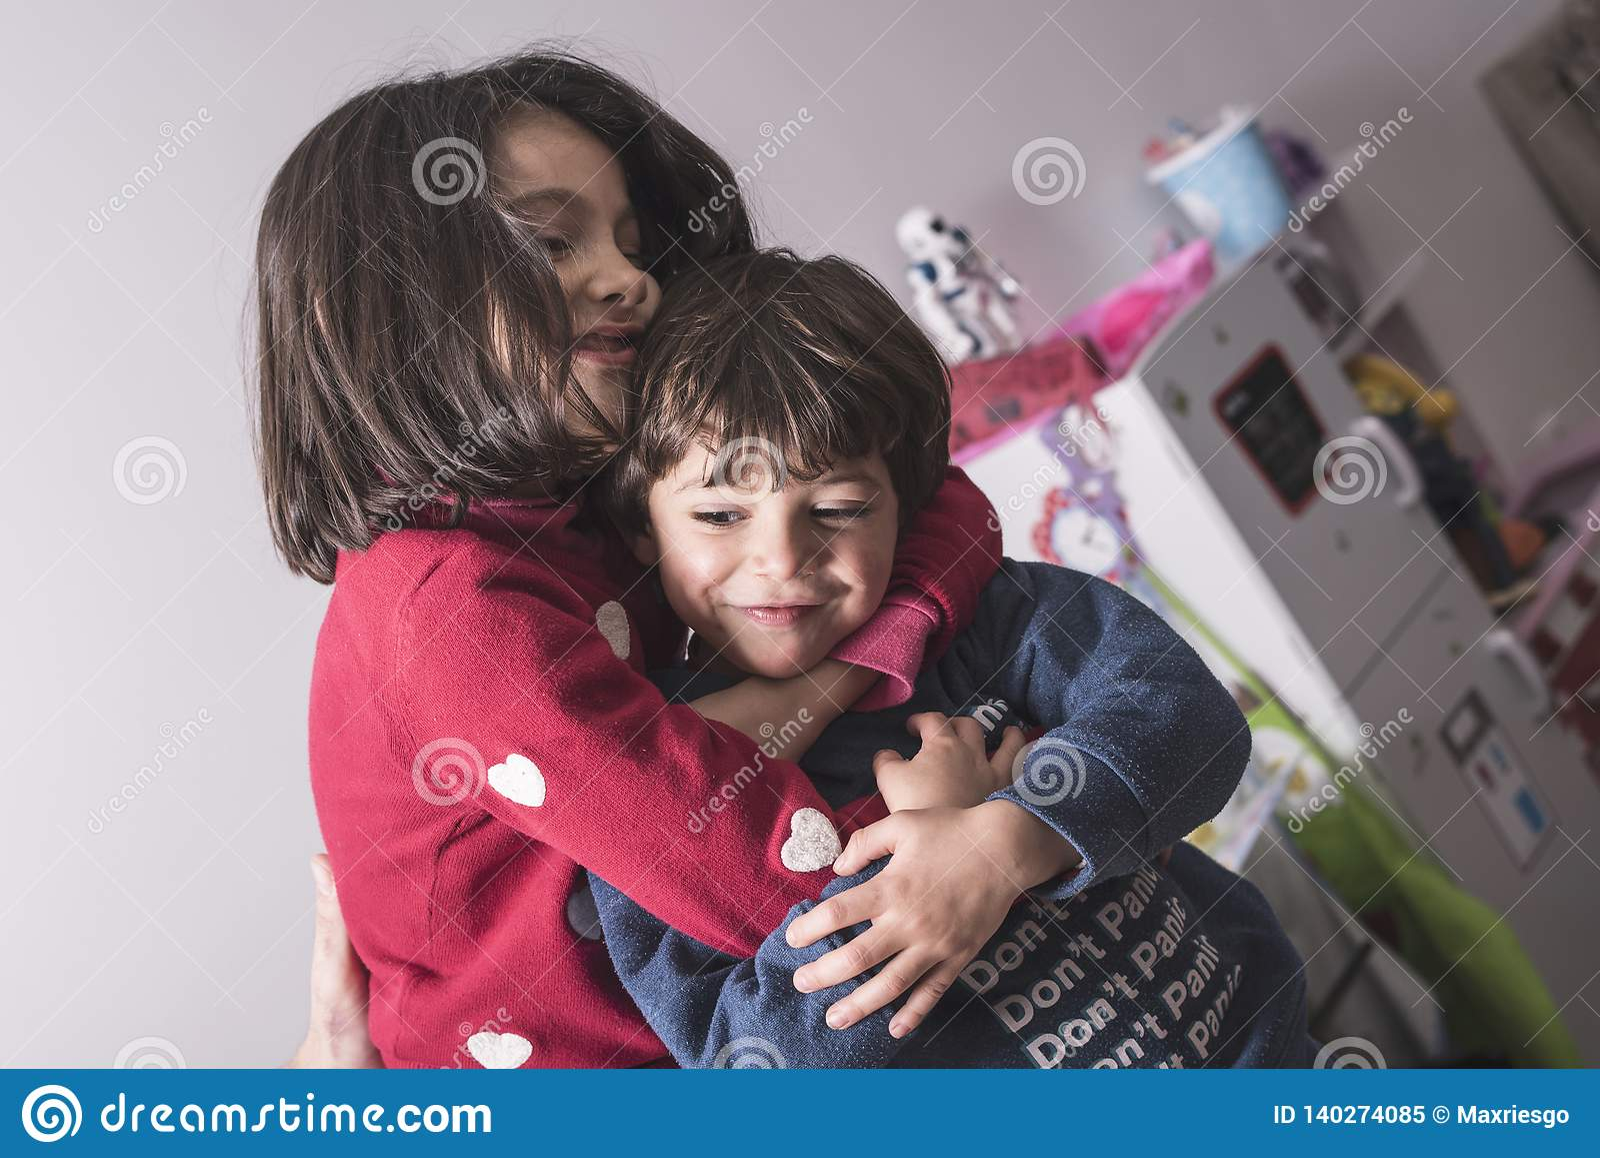 Brother y hermana en gran abrazo en imagen de la forma de vida